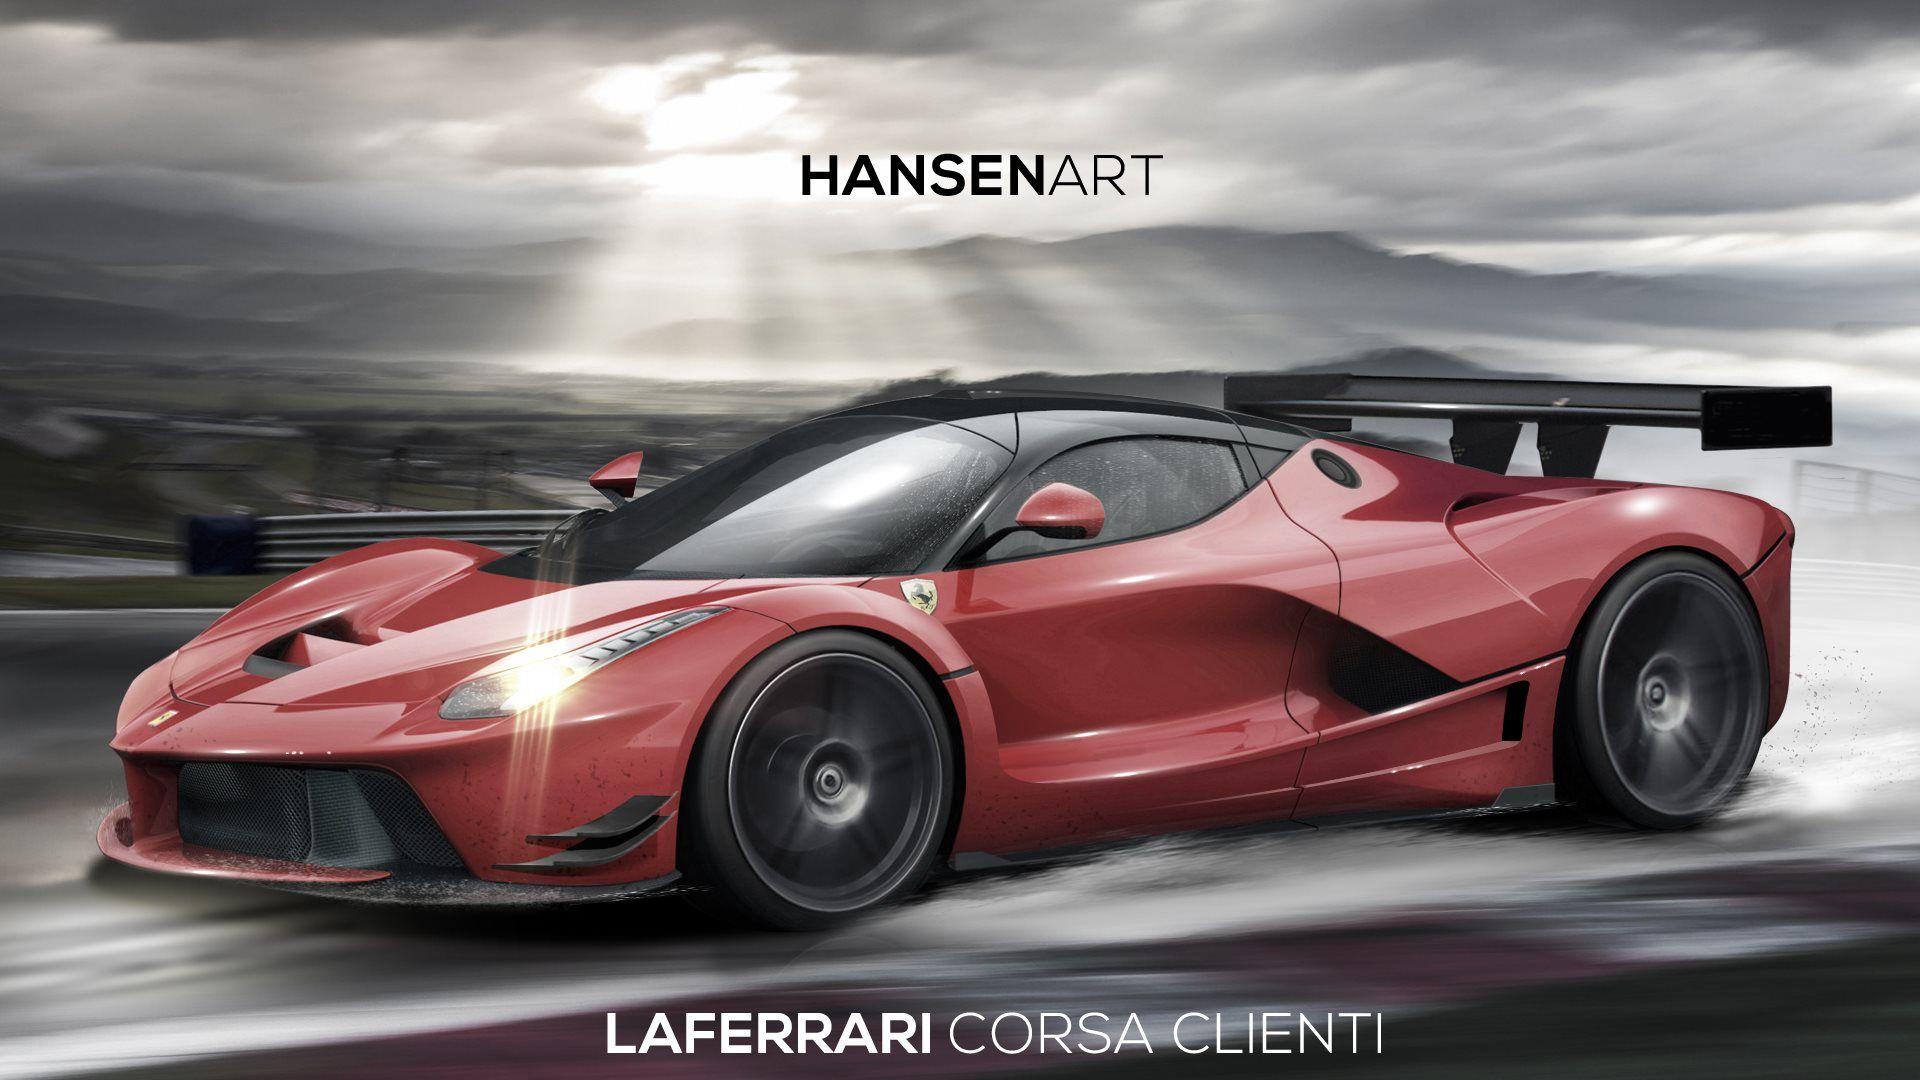 Laferrari Wallpaper For Android GNR Cars Pinterest Ferrari